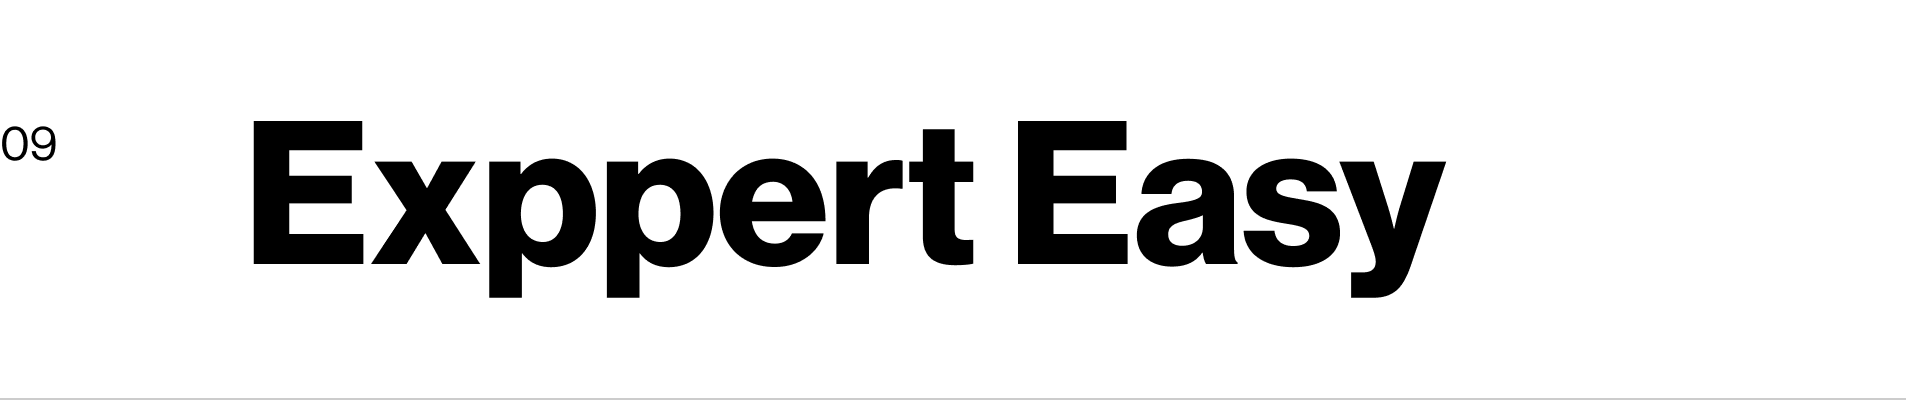 Exppert Easy